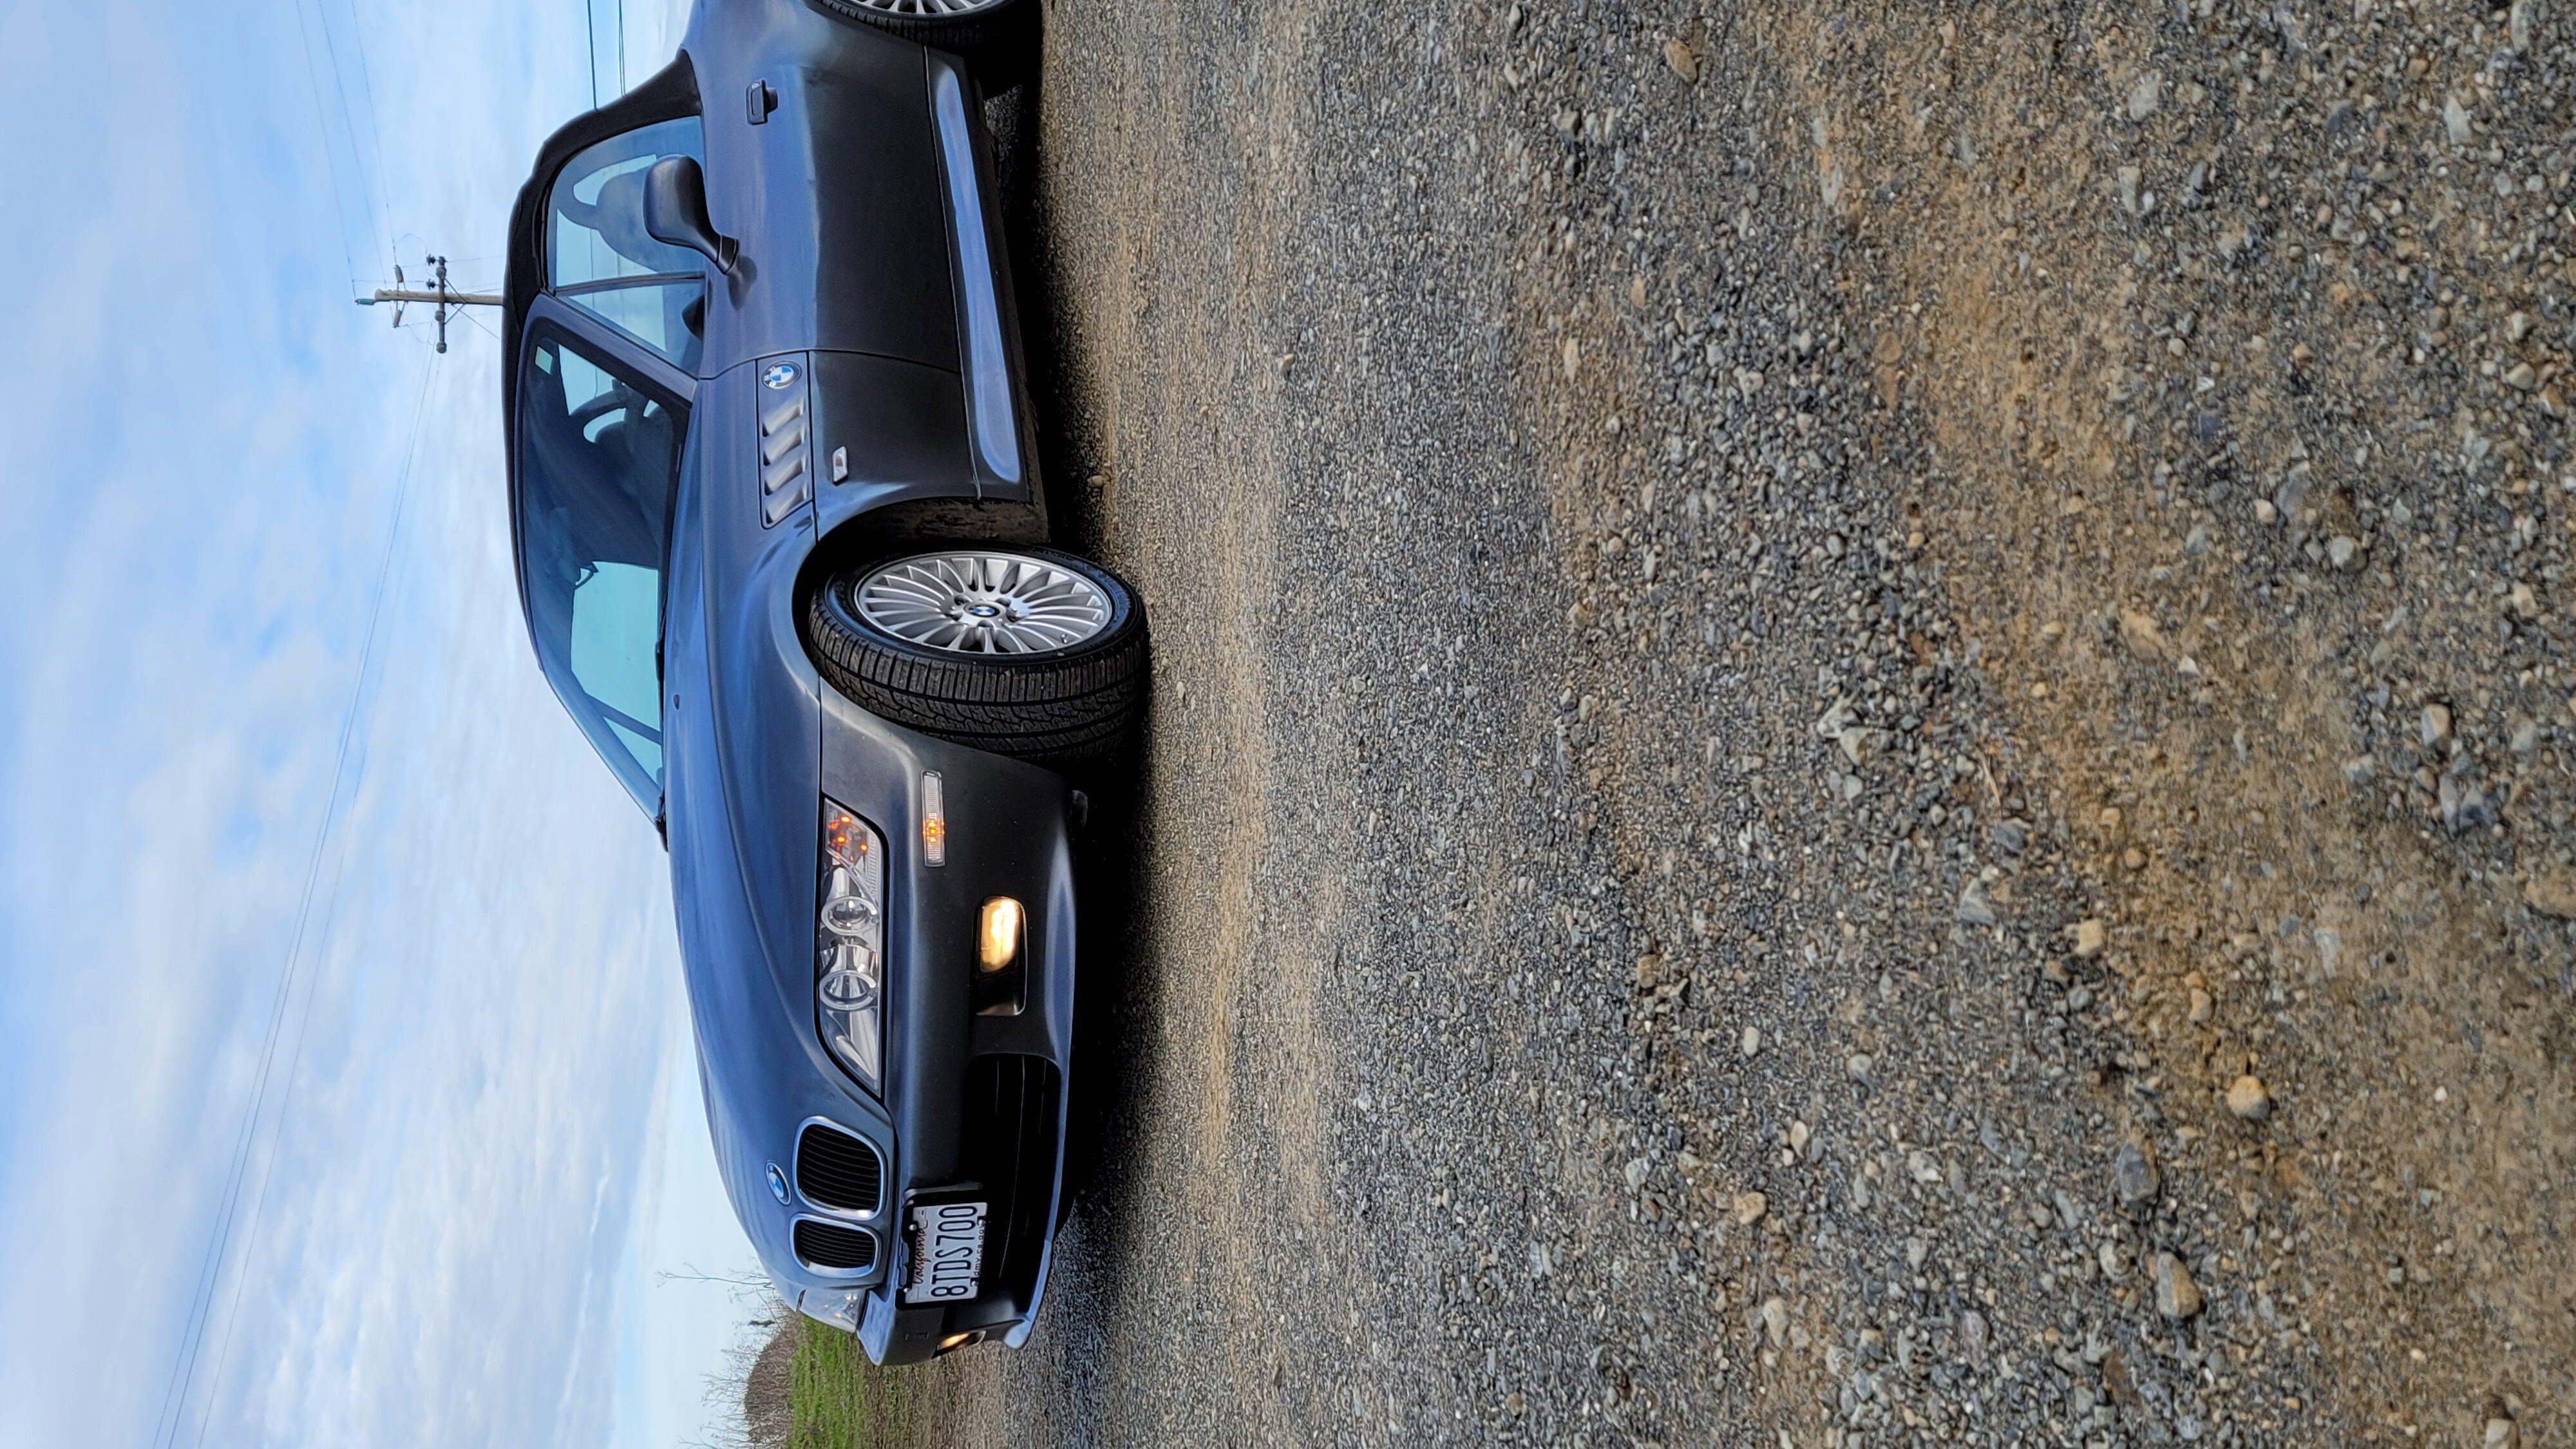 1999 bmw z3 2.8 roadster